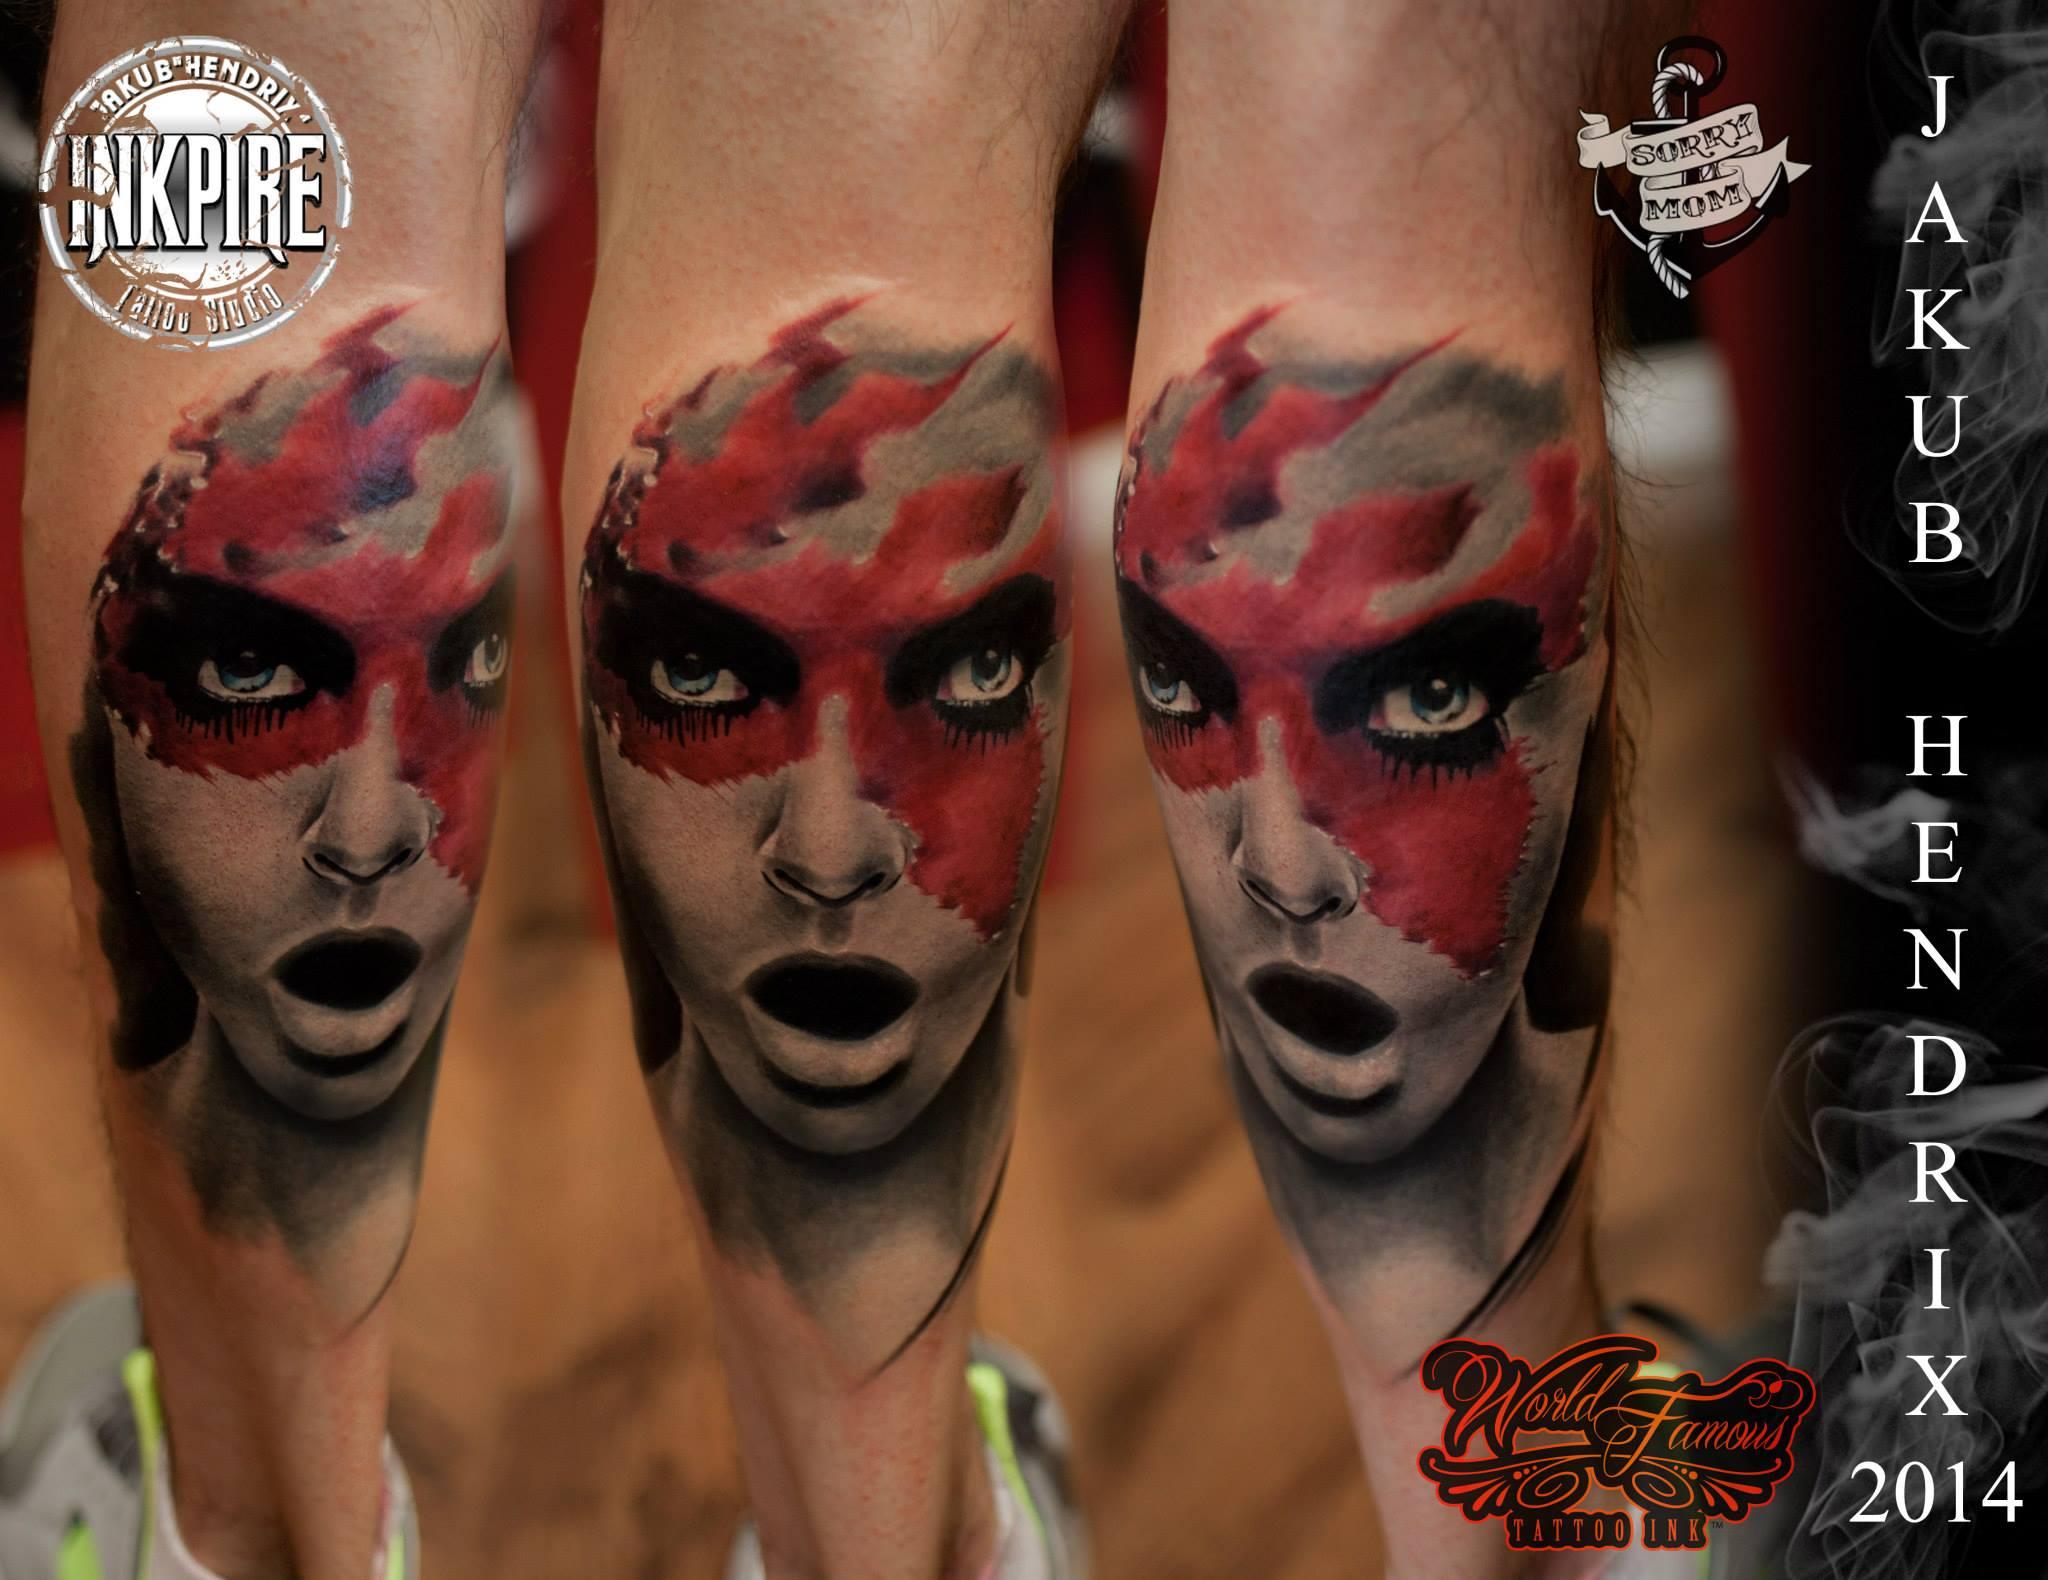 Tatuaje realismo por Jakub Hendrix